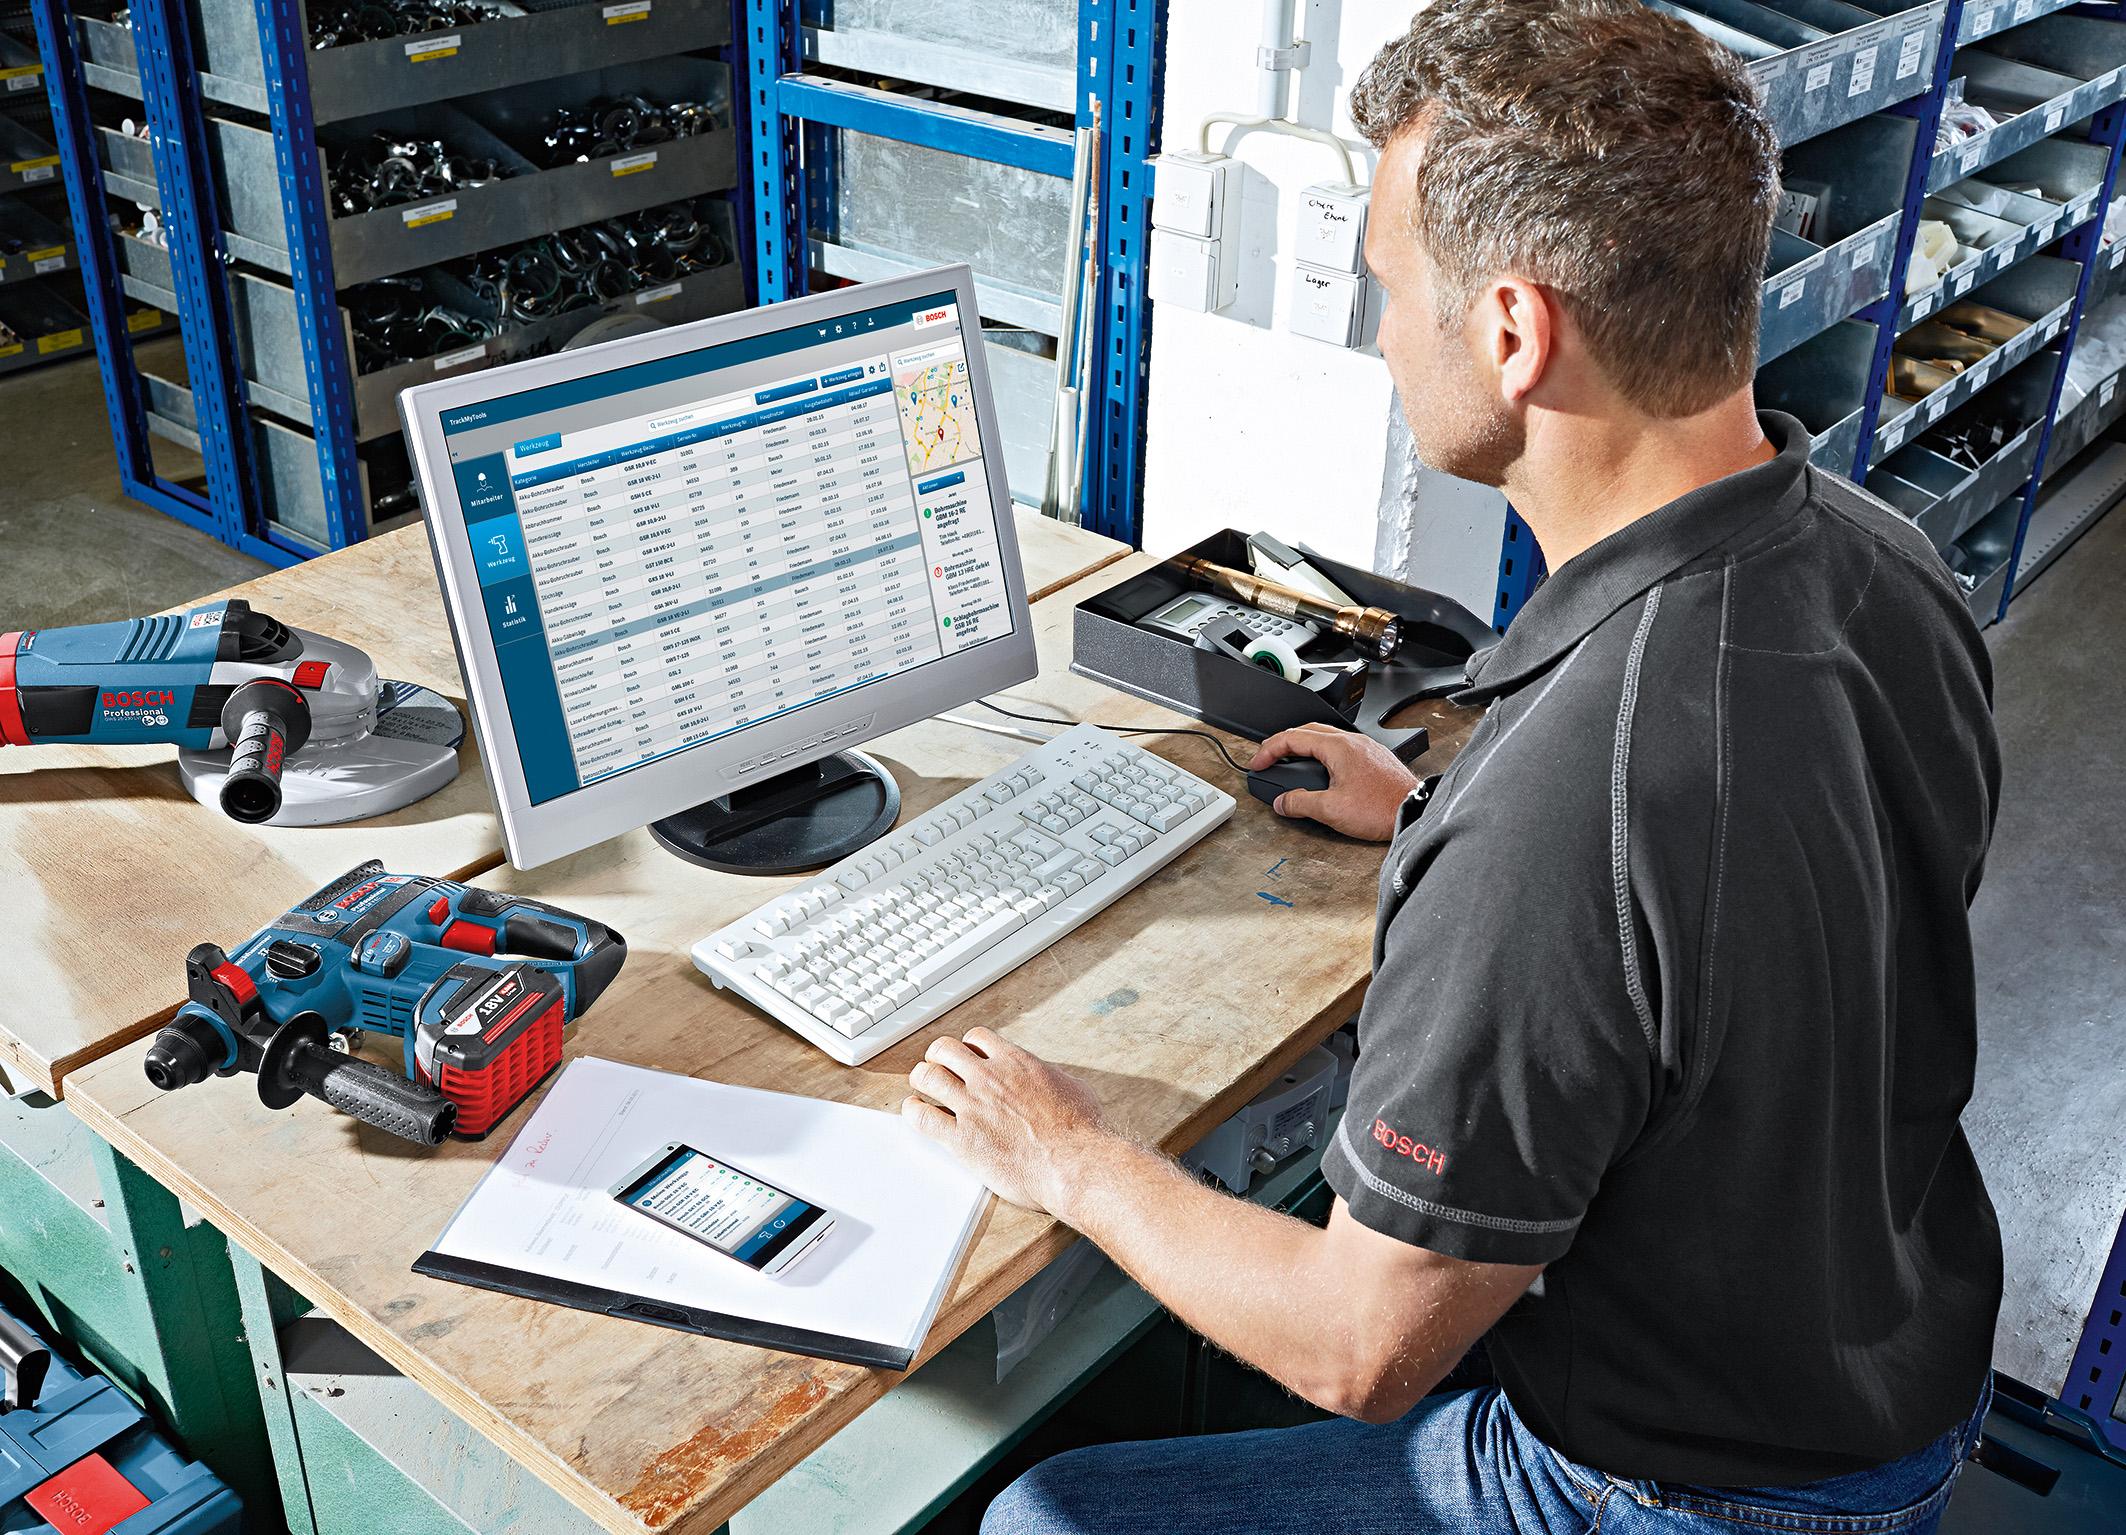 Bosch Entfernungsmesser Software : Trackmytools von bosch für profis media service